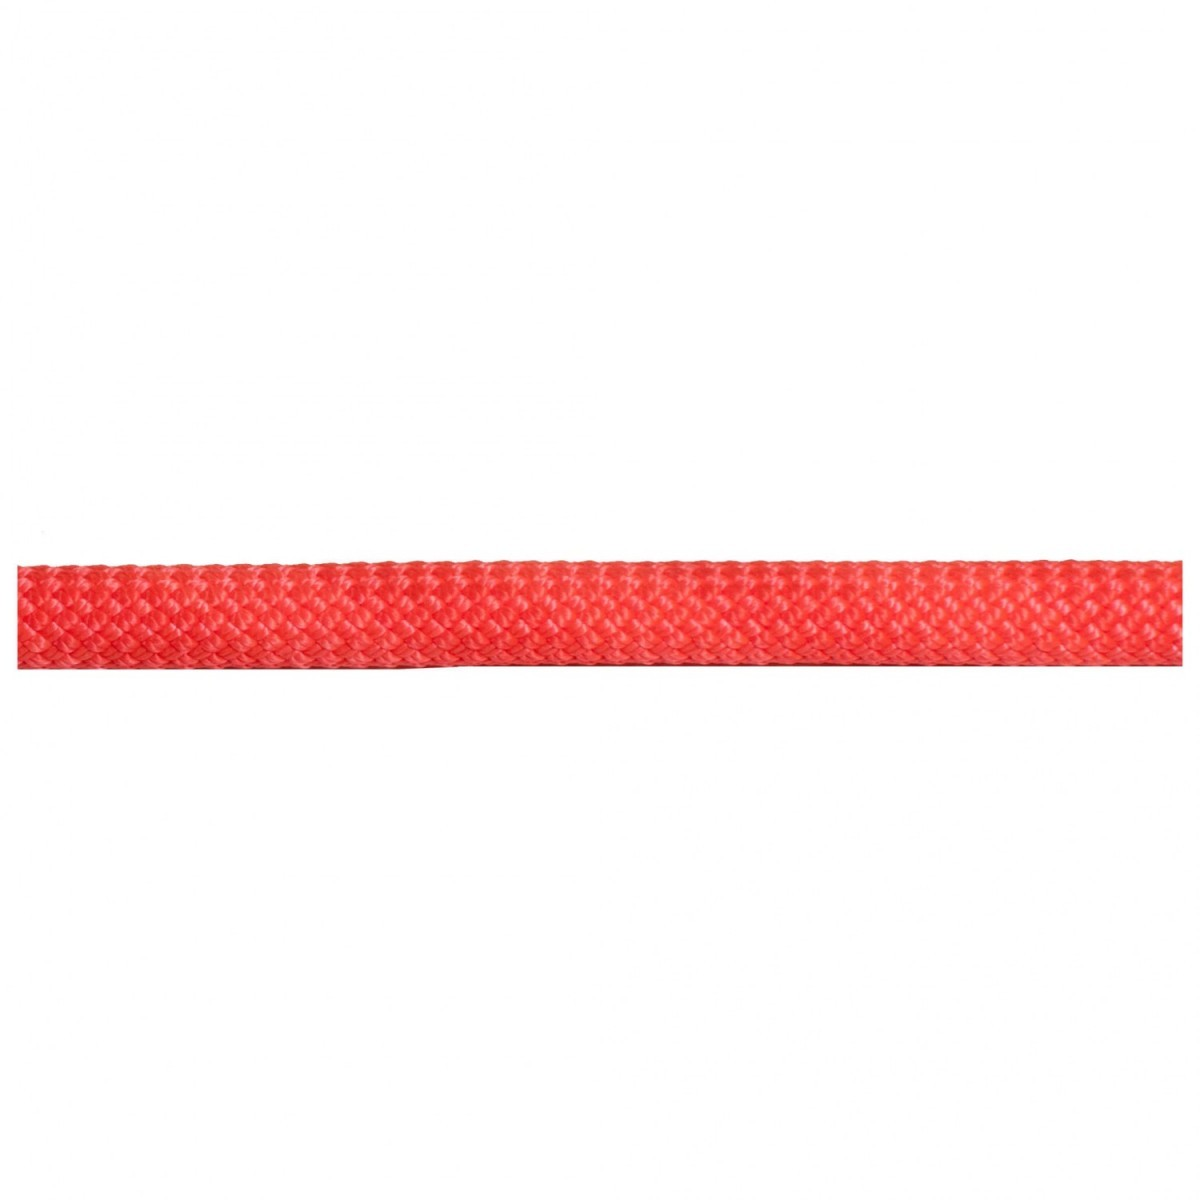 BEAL べアール Joker 9.1 mm (60m - Orange)★ロープ・ザイル・登山・クライミング★